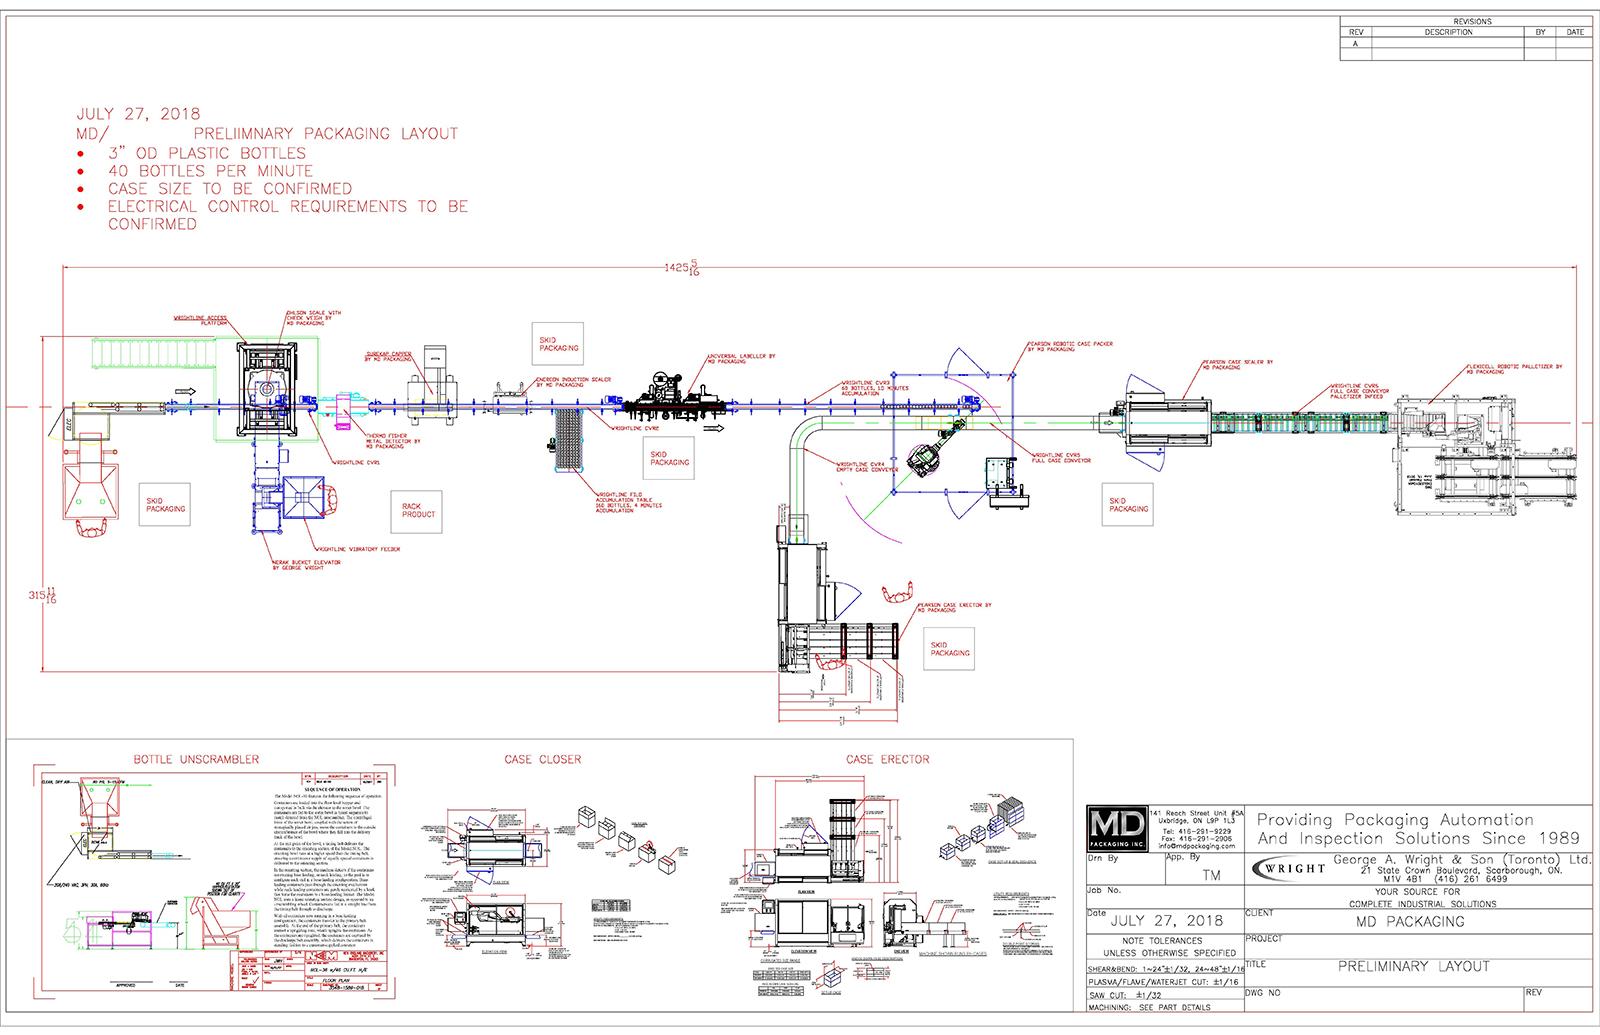 resized180726-md-preliminary-layout-rev-a-dsize